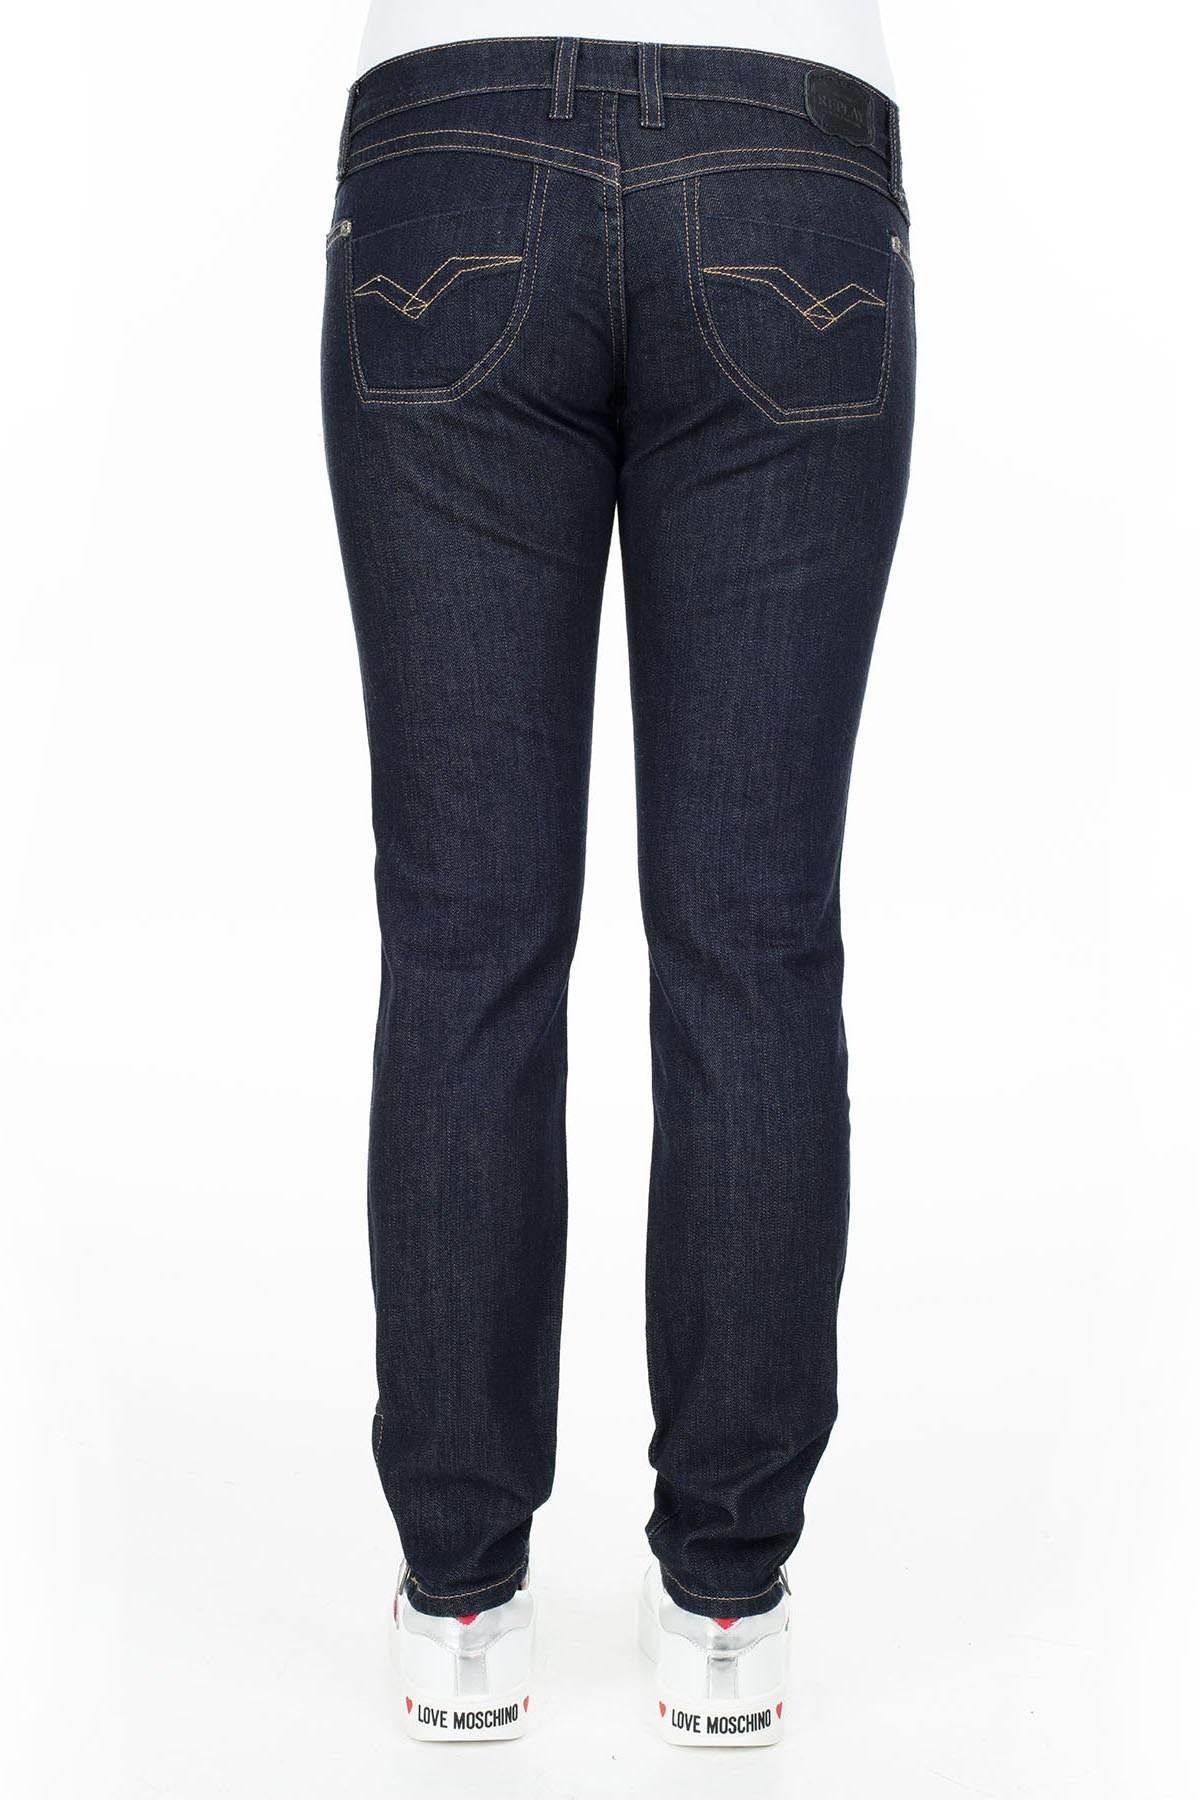 Replay Jeans Bayan Kot Pantolon ZOXWV554 LACİVERT